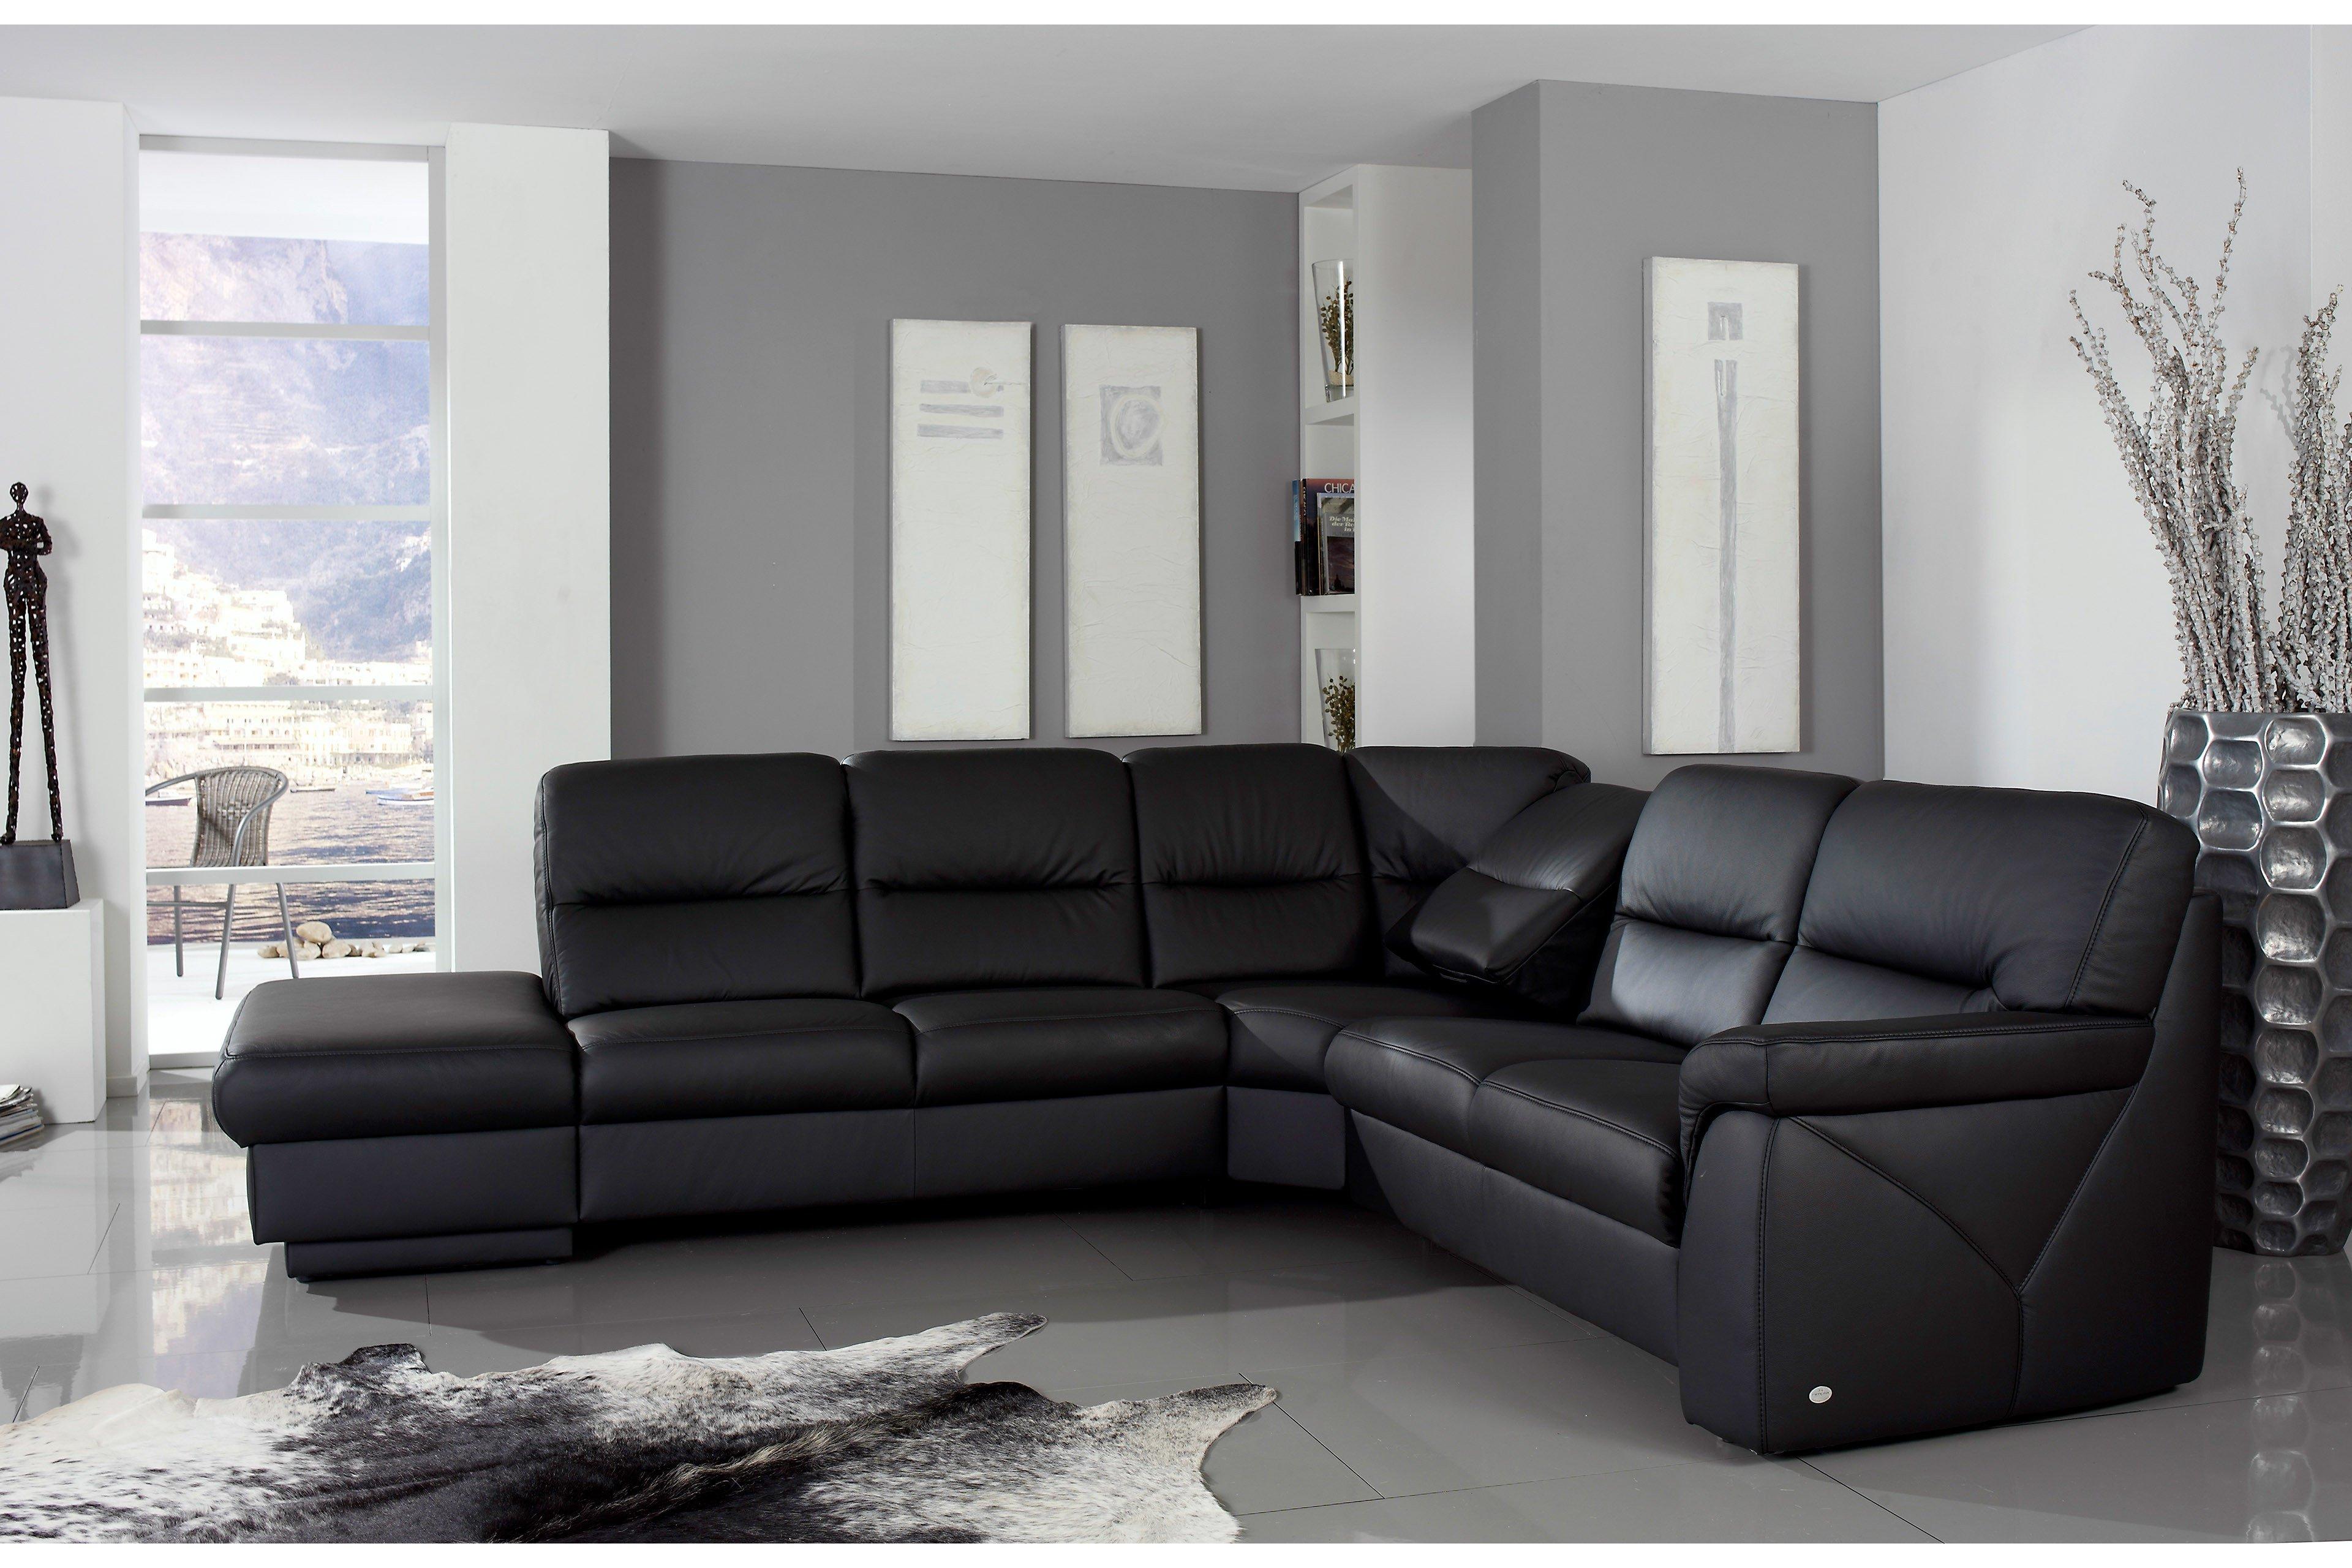 himolla polsterm bel 1101 hobey ledergarnitur m bel letz ihr online shop. Black Bedroom Furniture Sets. Home Design Ideas